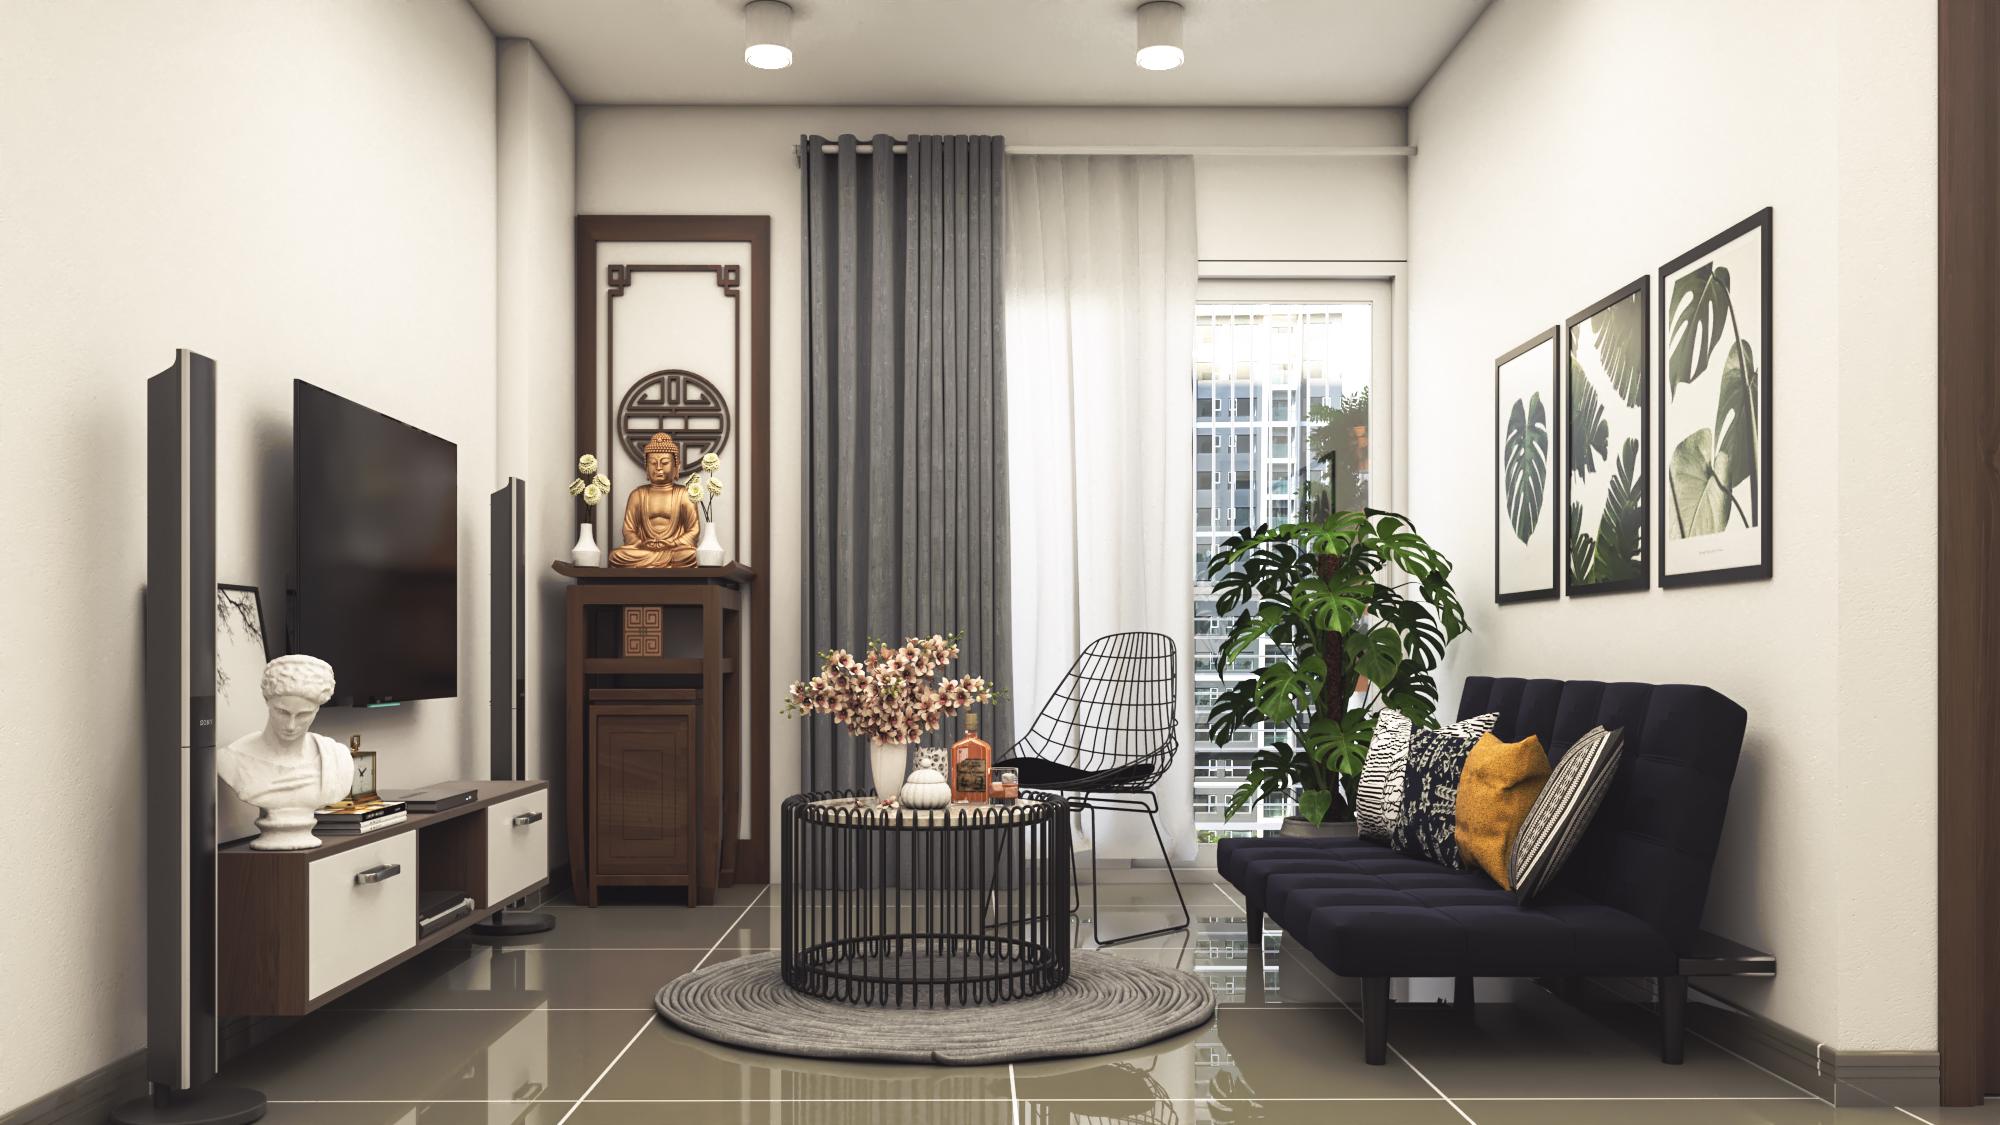 Thiết kế nội thất Chung Cư tại Hồ Chí Minh CĂN HỘ CHỊ TRÚC Q8 1576045381 13